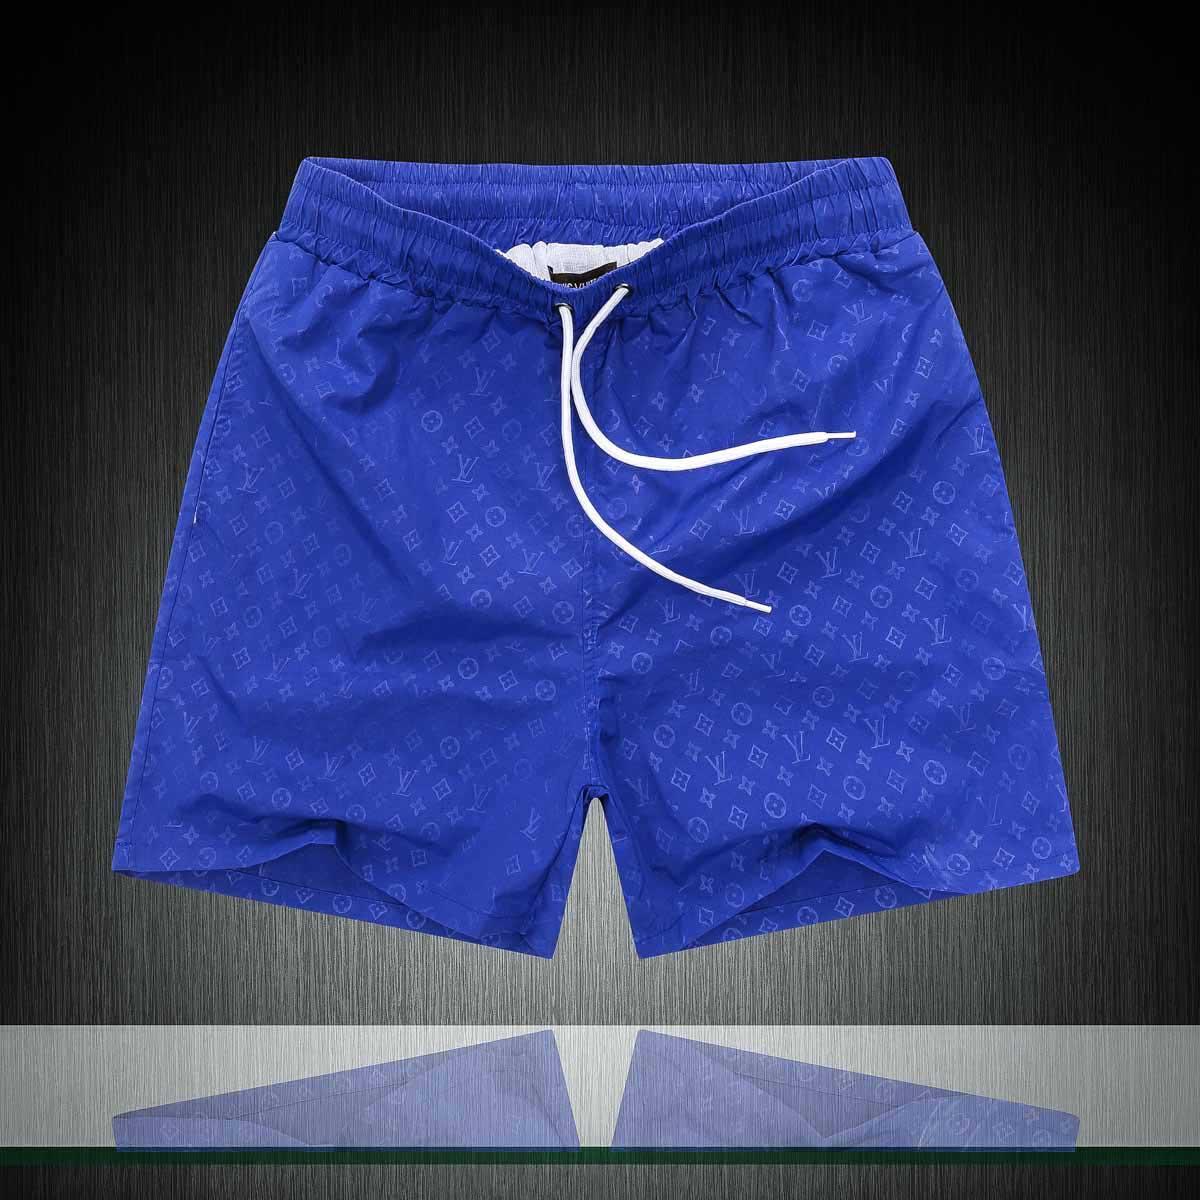 20nn Männer kurze Hosen-Männer Mode für den Sommer Strand Hosen Männer und Frauen Tarnung lose Shorts drucken Reißverschlussdekoration